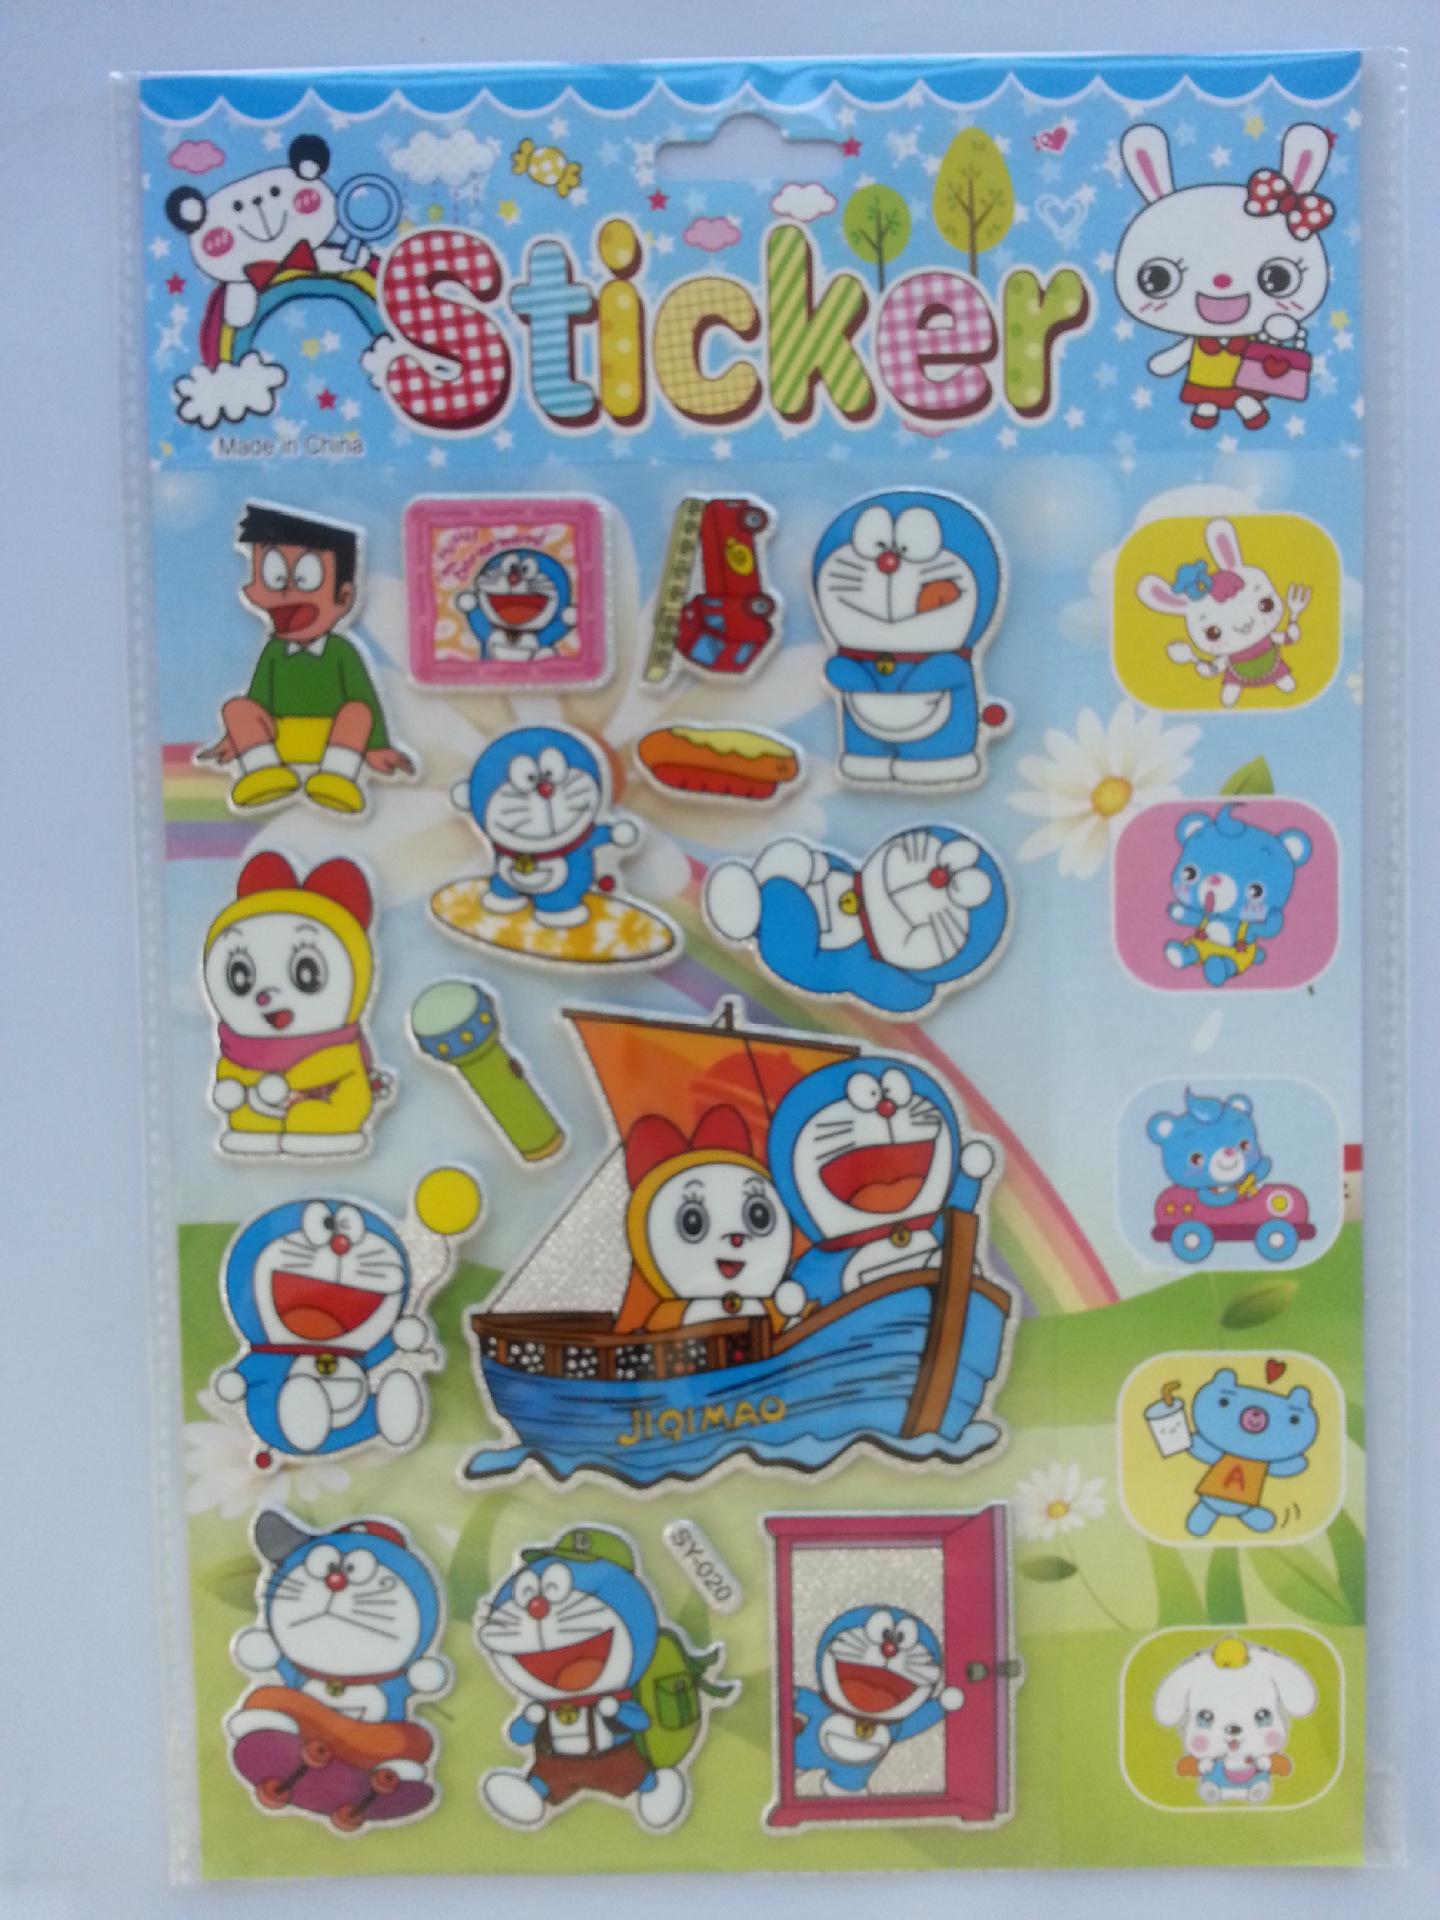 卡通贴纸 批发 儿童卡通贴纸 卡通贴画 儿童 韩国 阿里巴巴